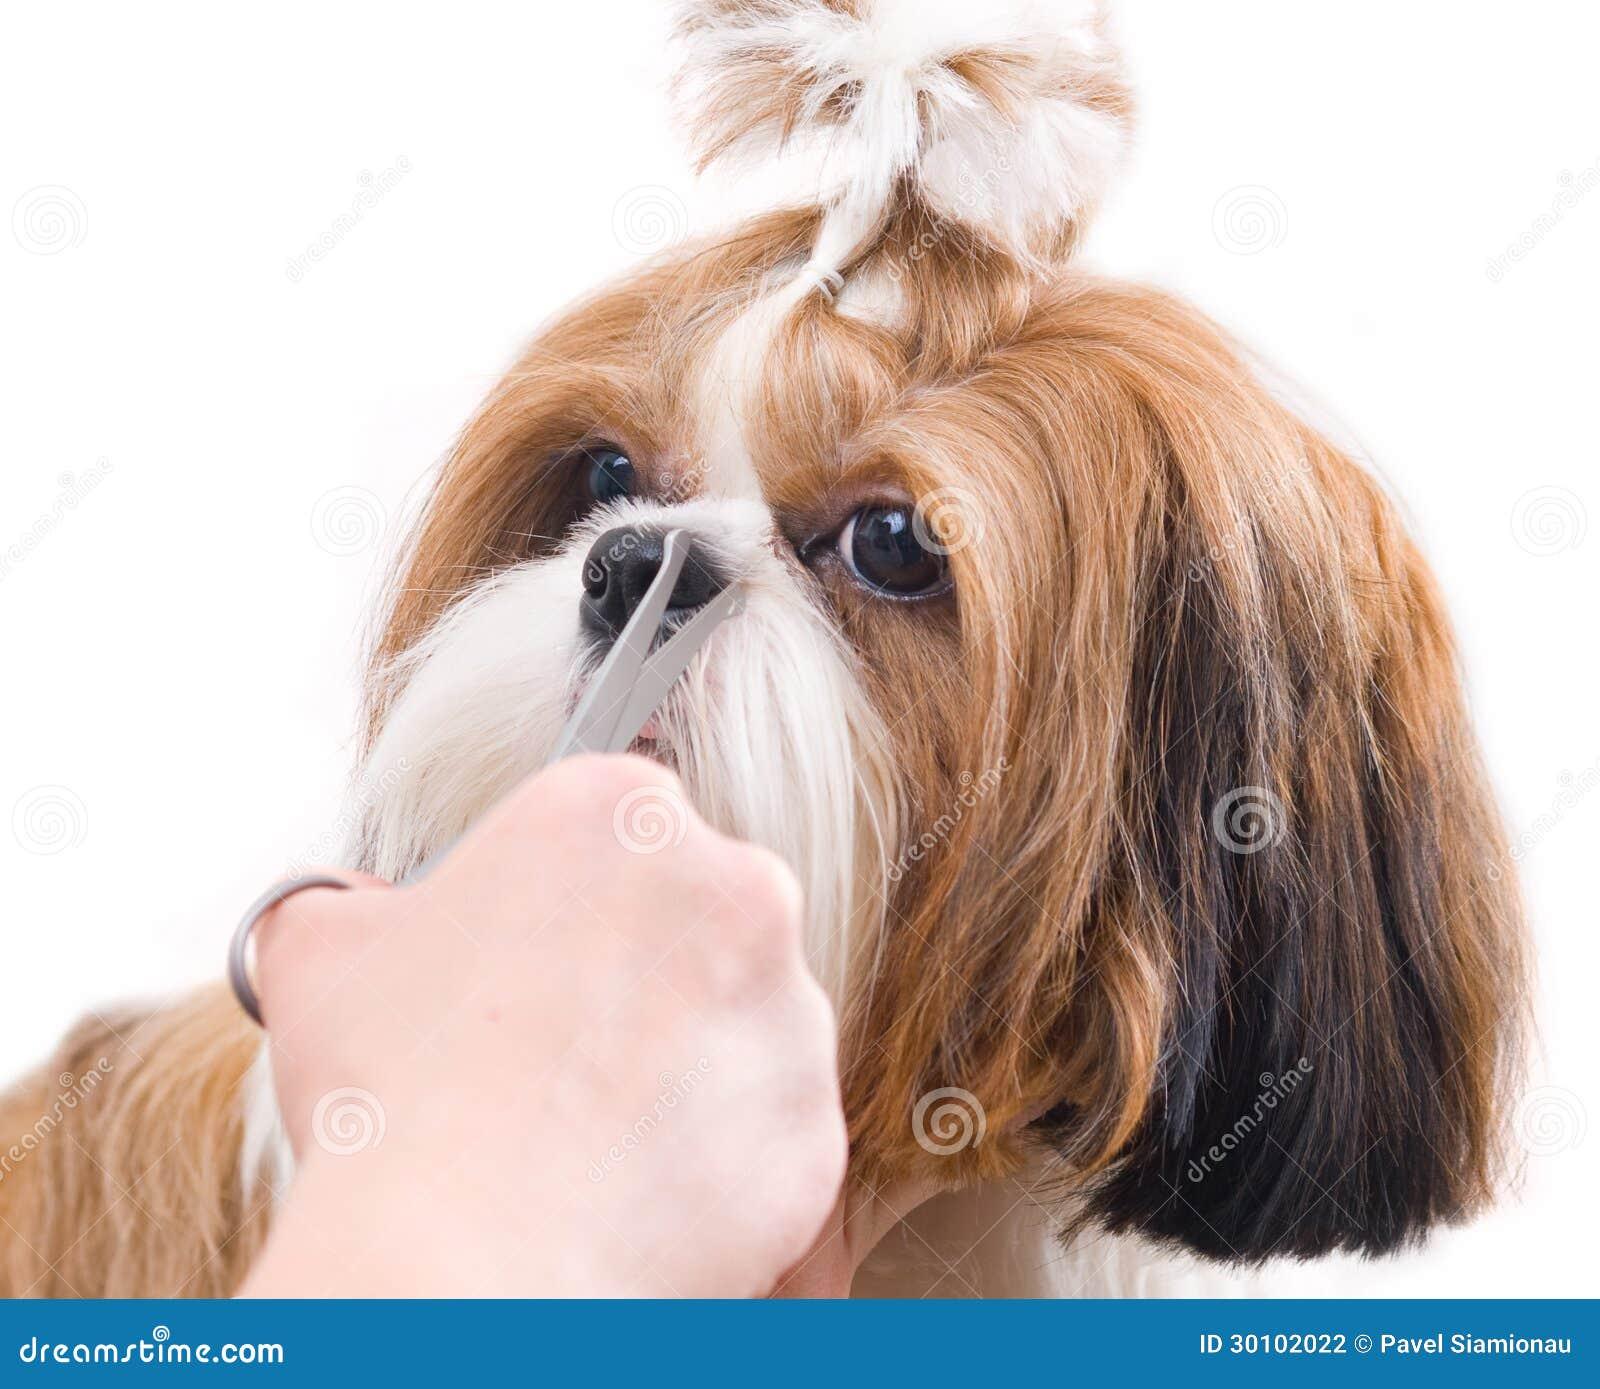 Grooming the Shih Tzu dog